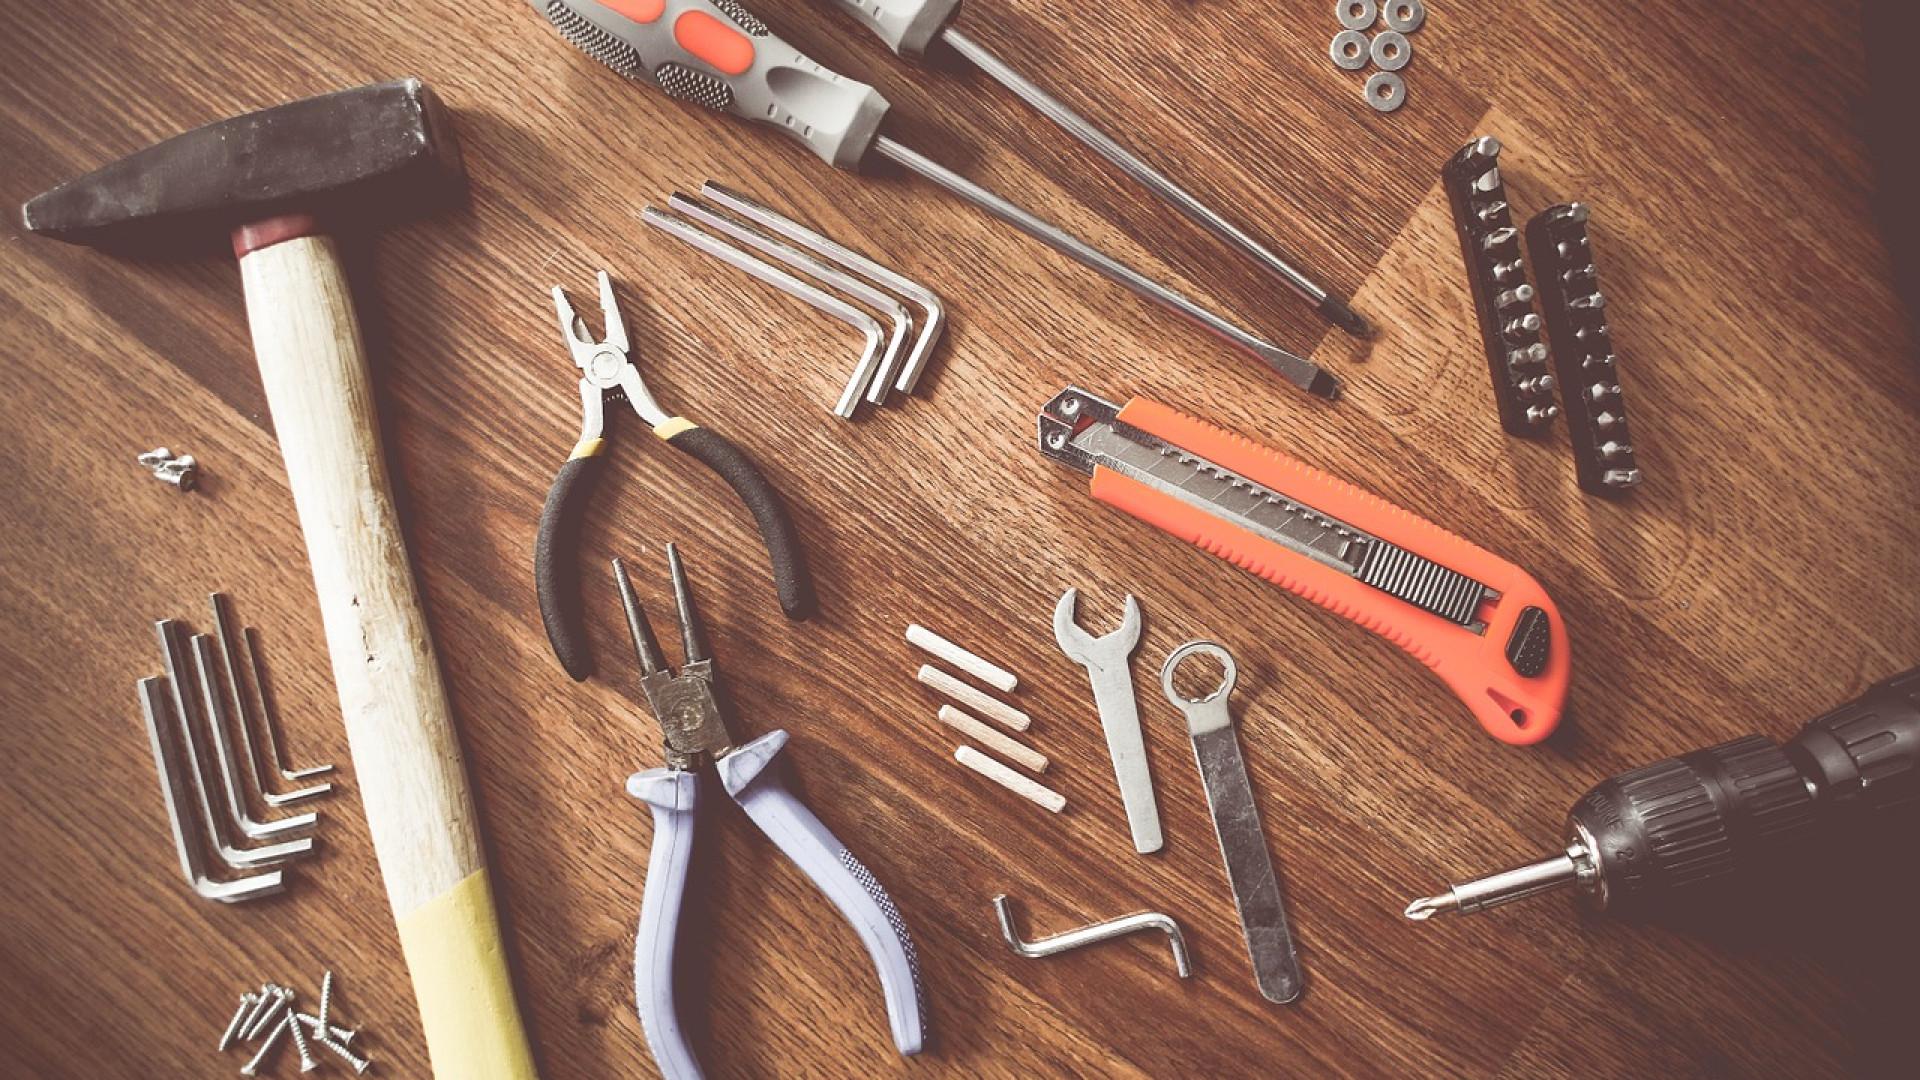 Des pièces détachées pour réparer vos appareils électroménagers